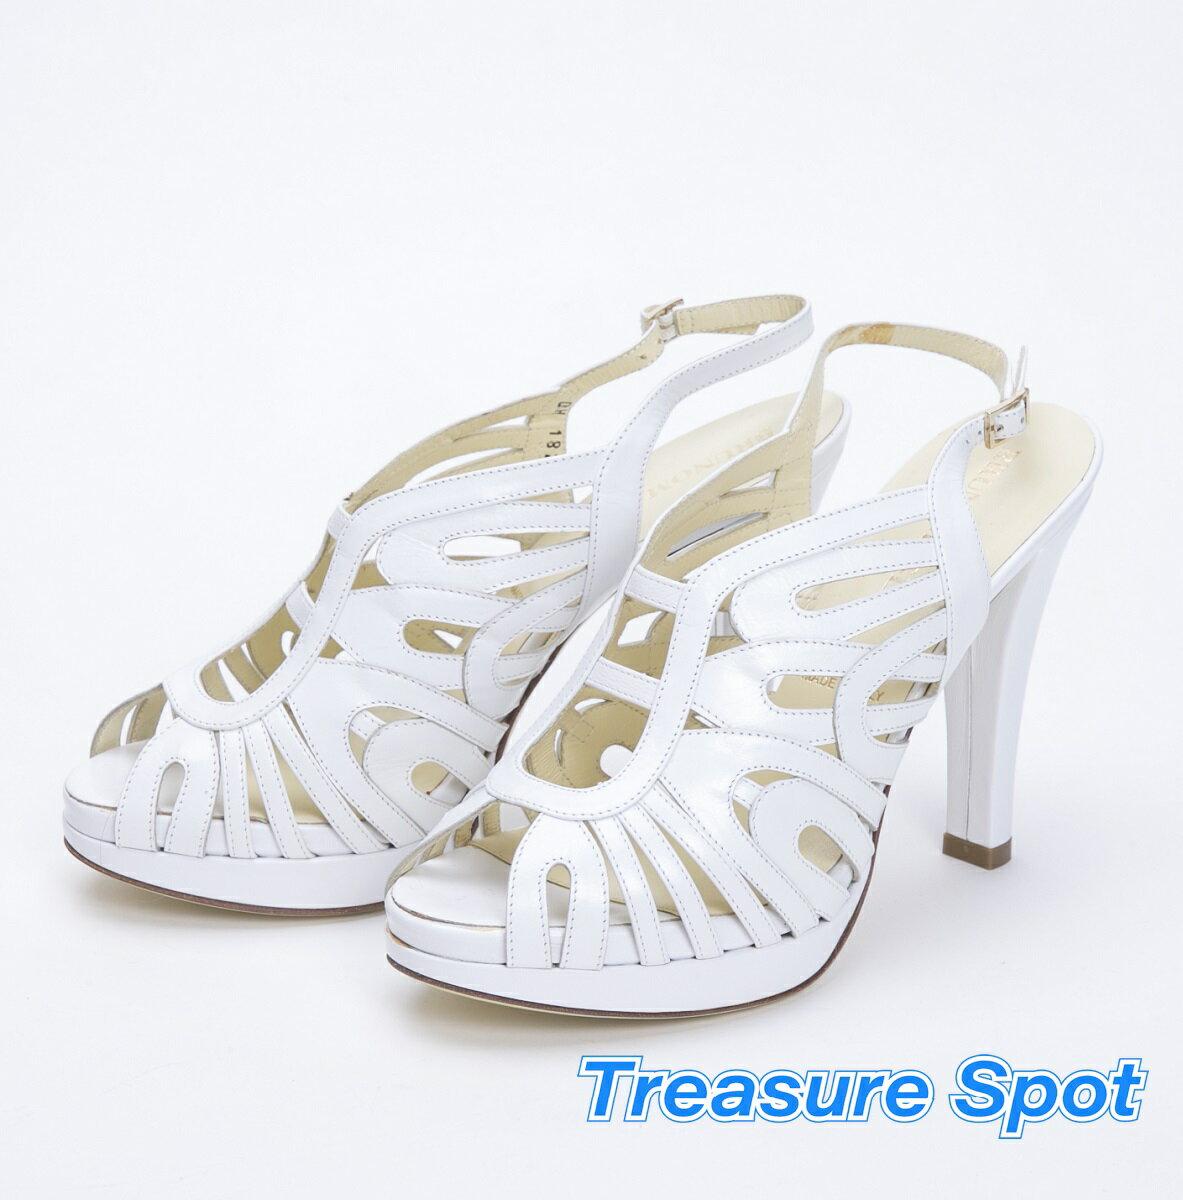 ブルーノマリ BRUNO MAGLI サンダル ホワイト 白 #36 約23cm レディース 靴【トレジャースポット】【新品同様品】